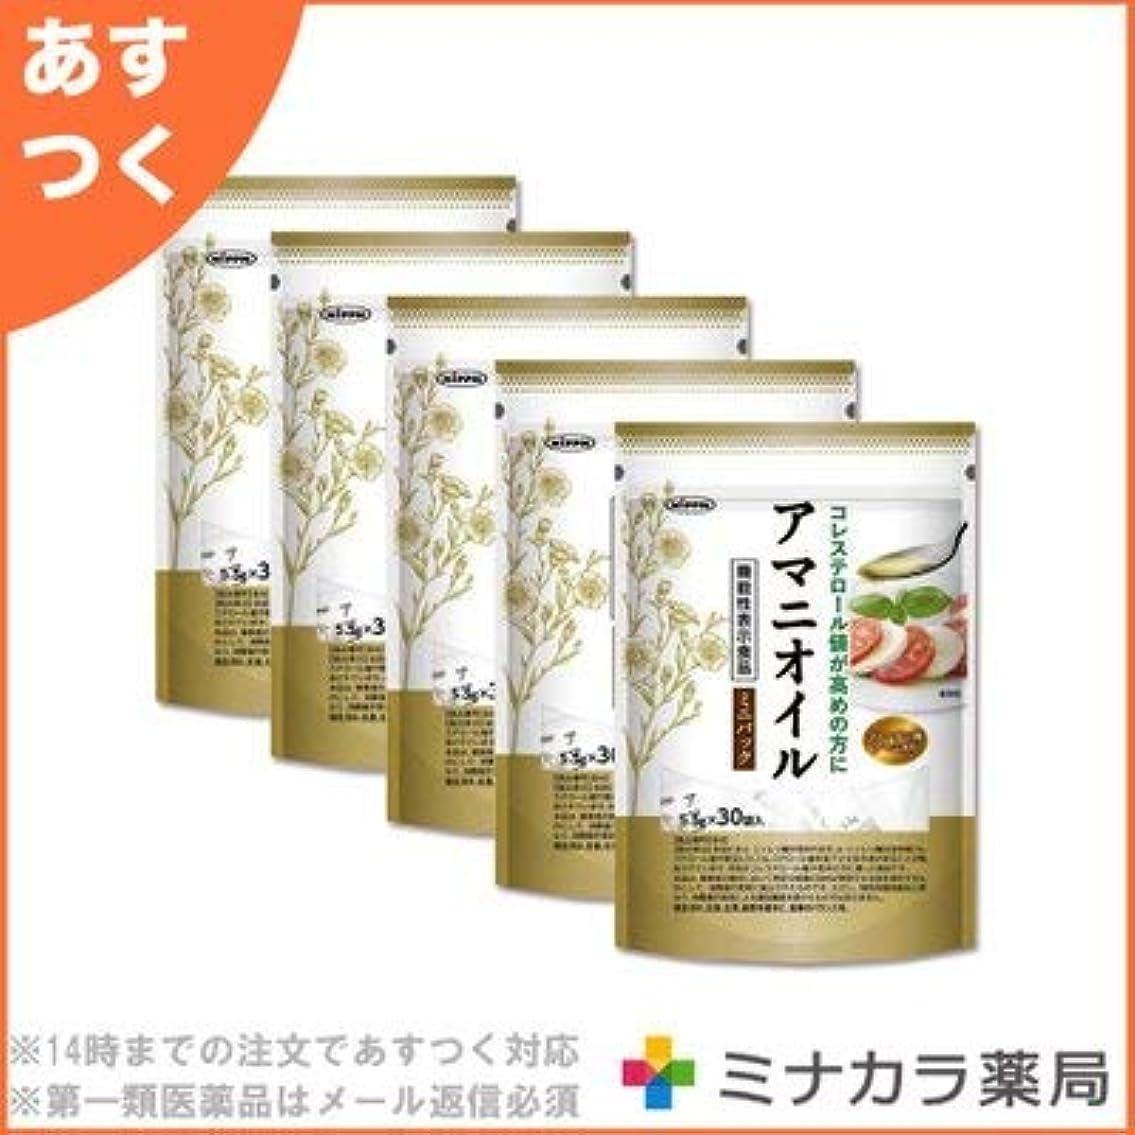 繊細間違えた会議日本製粉 アマニオイル ミニパック 5.5g×30 (機能性表示食品)×5個セット